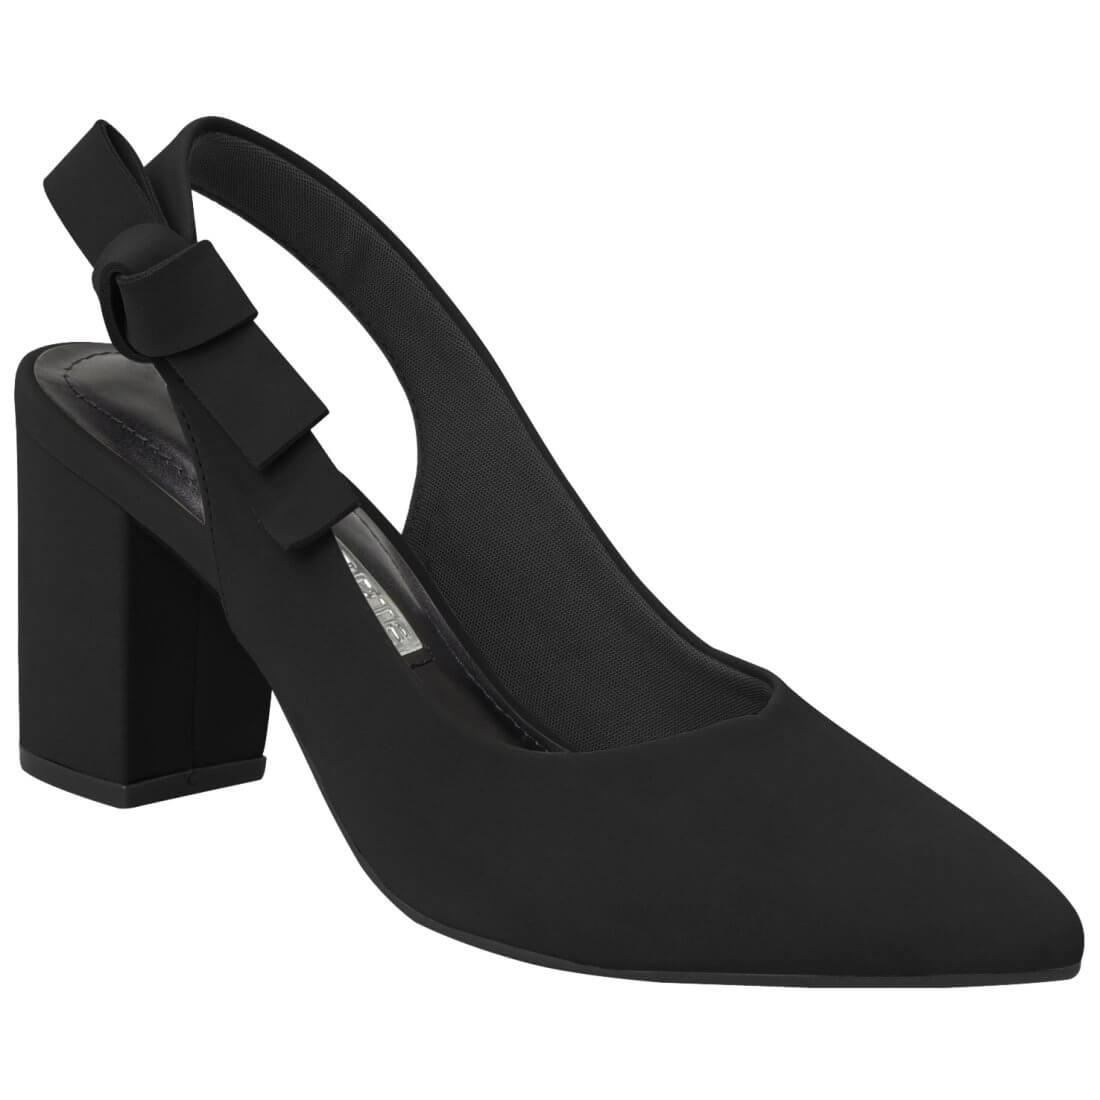 a6f874084 Sapato Feminino Via Marte Chanel 19-7204 - Preto (Nobuck) - Calçados ...